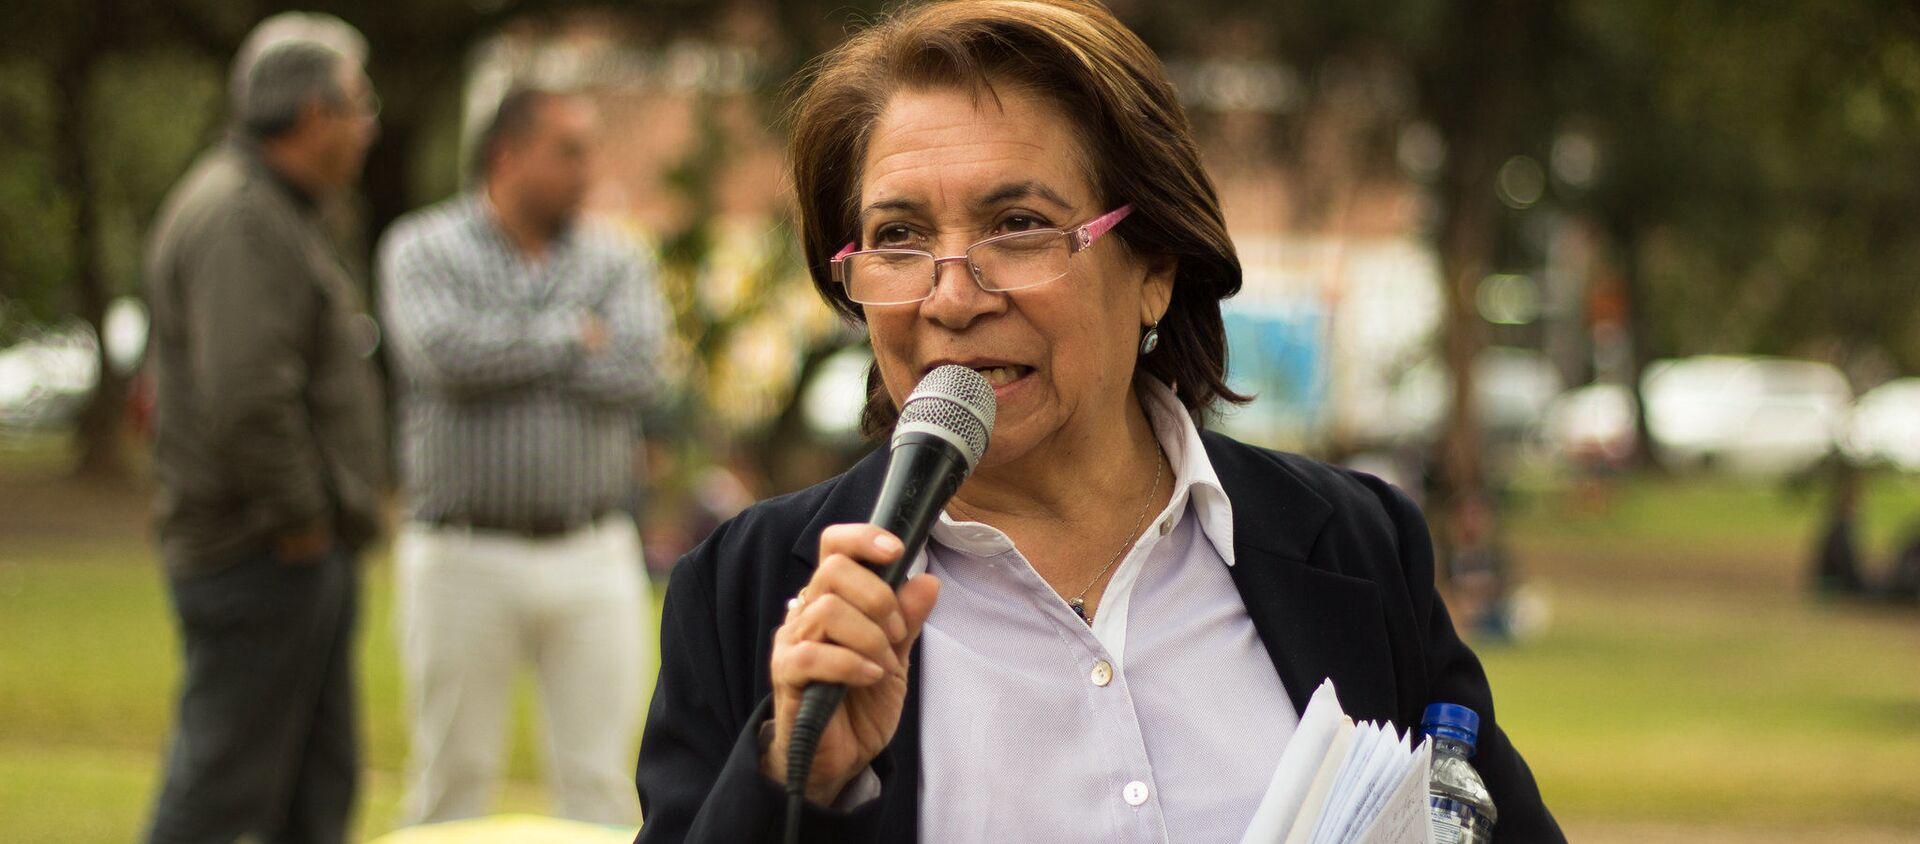 Aída Avella, senadora de la Colombia y presidenta de la Unión Patriótica - Sputnik Mundo, 1920, 15.01.2021